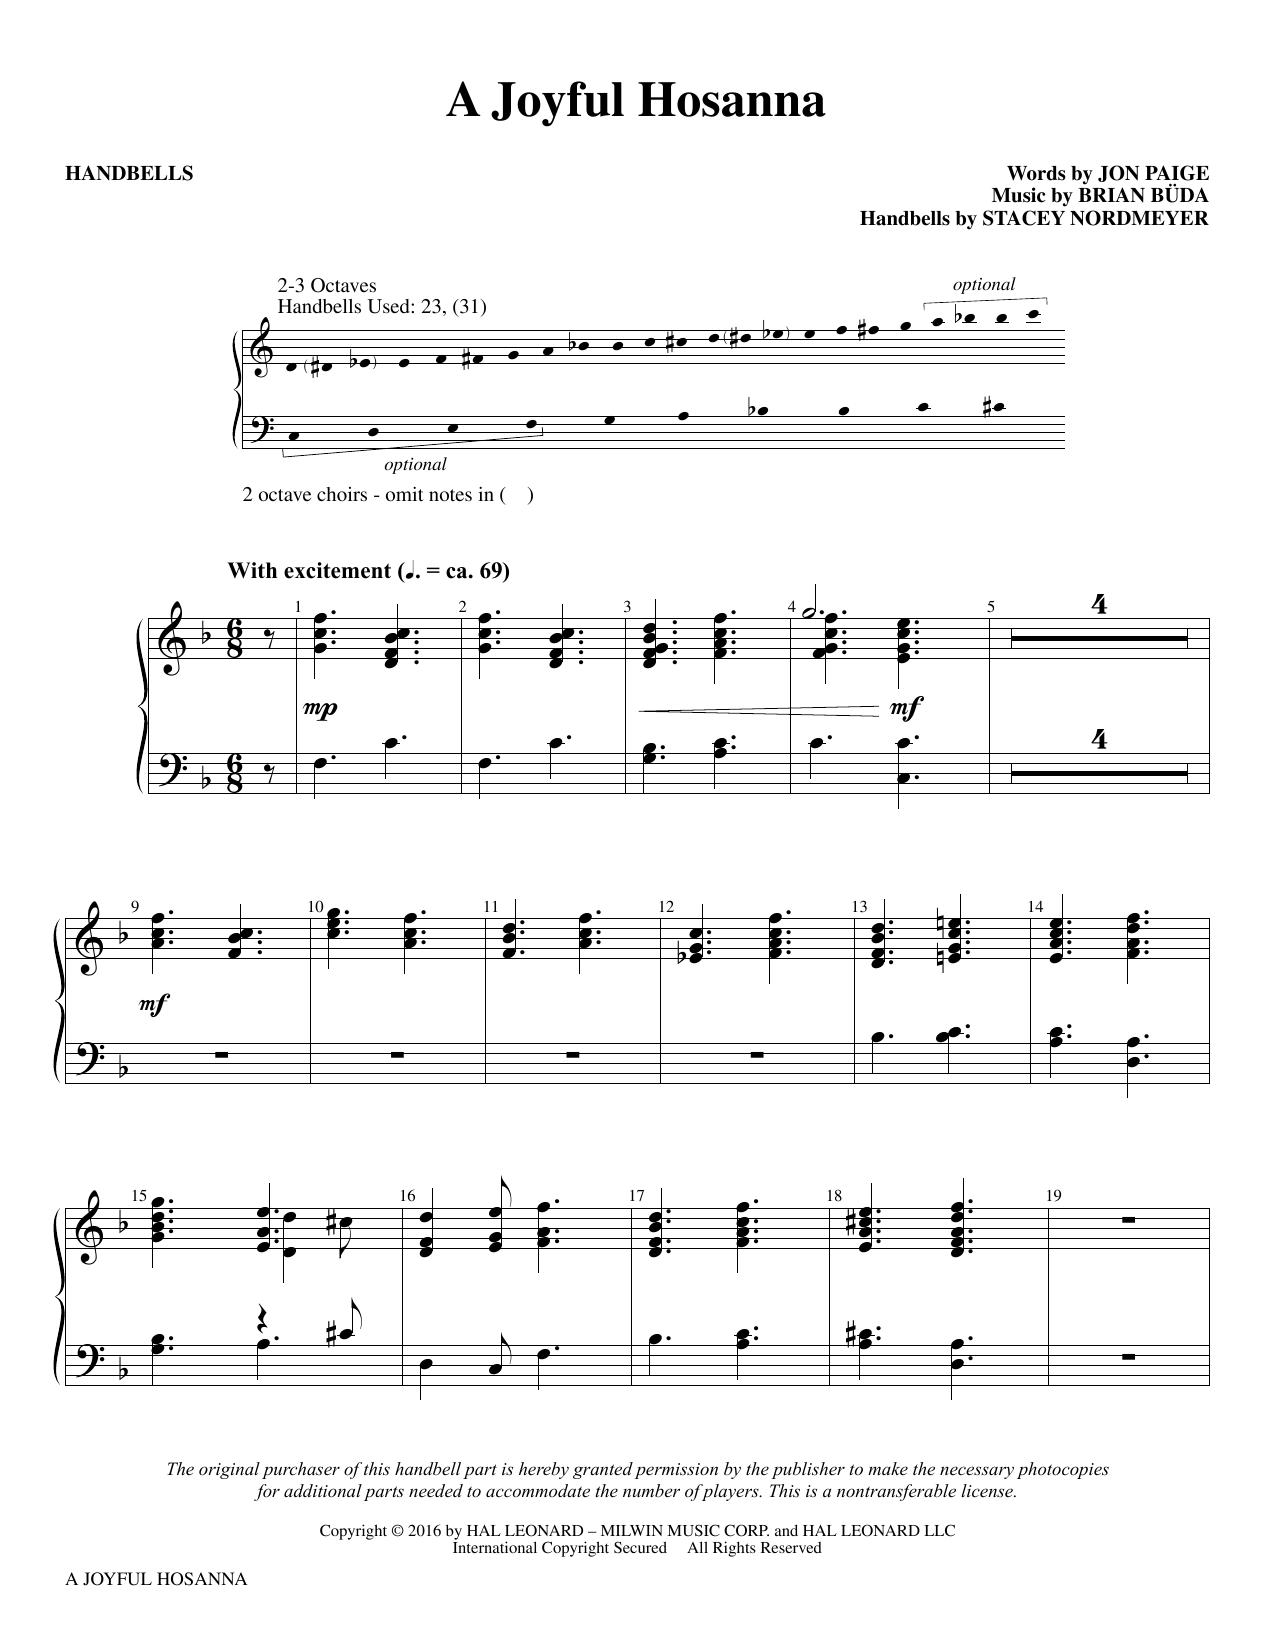 A Joyful Hosanna - Handbells Sheet Music